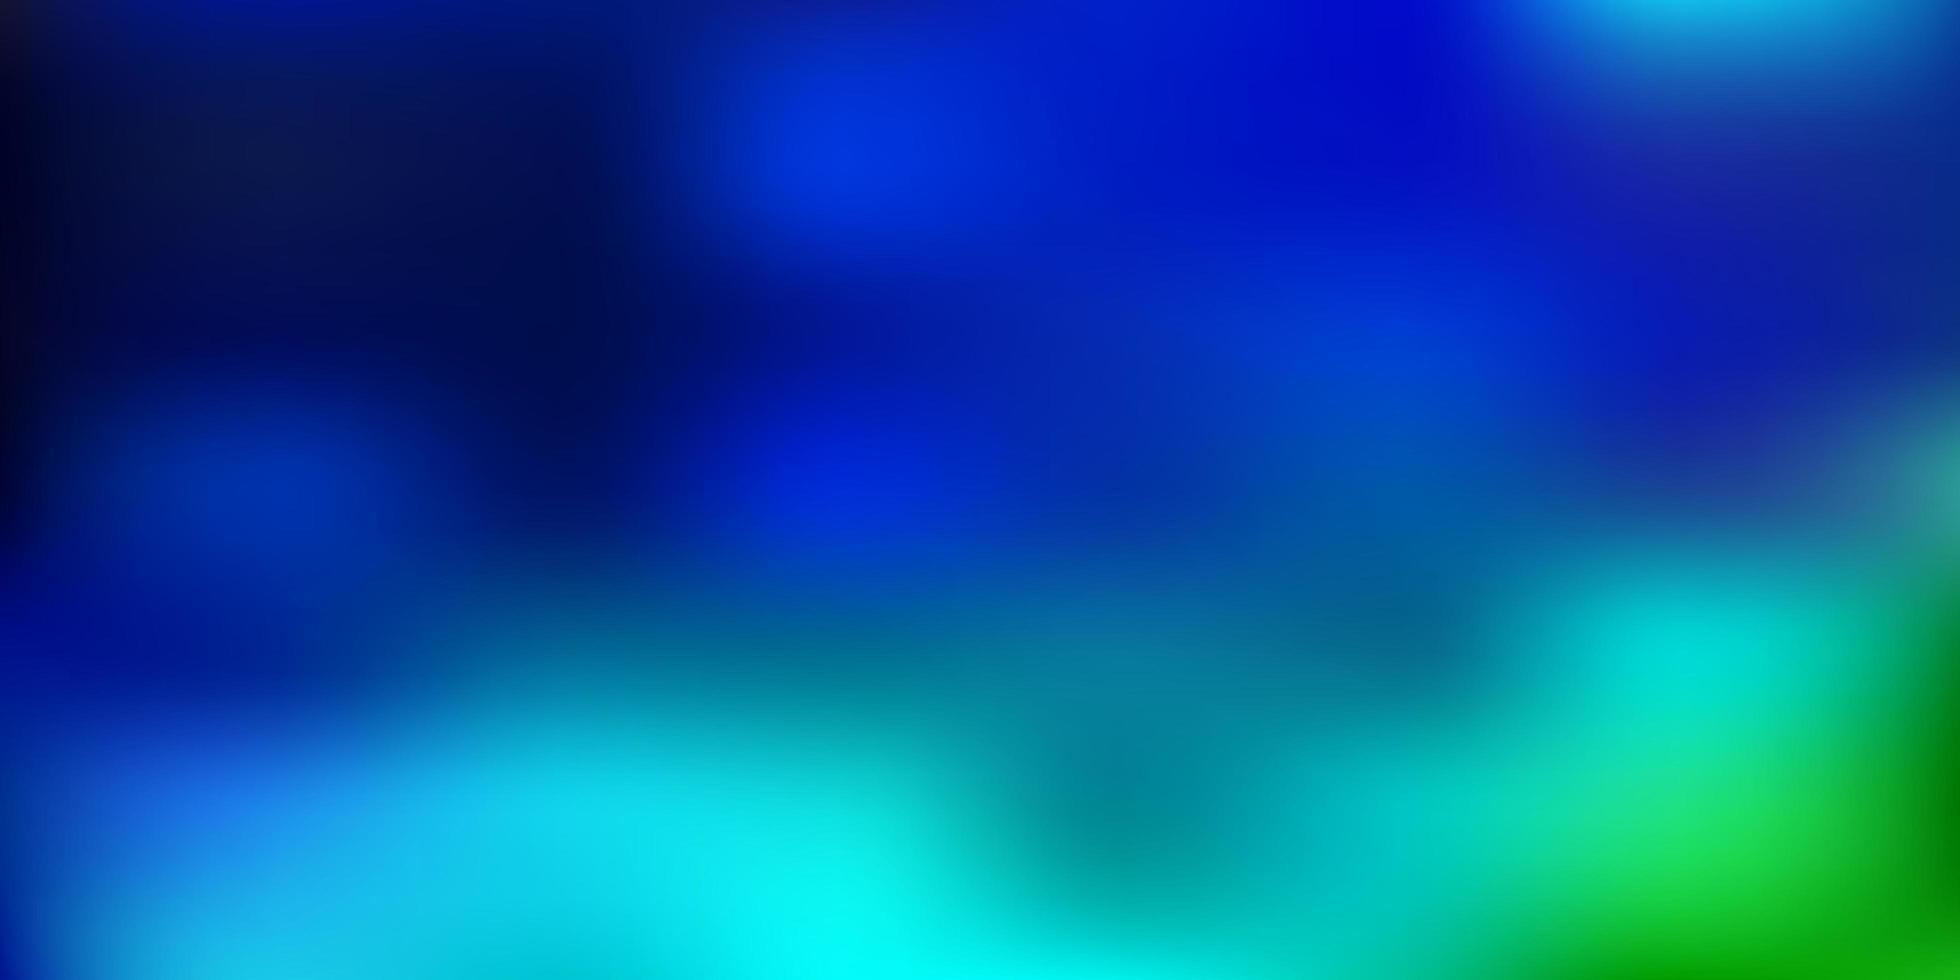 Light blue, green vector gradient blur template.